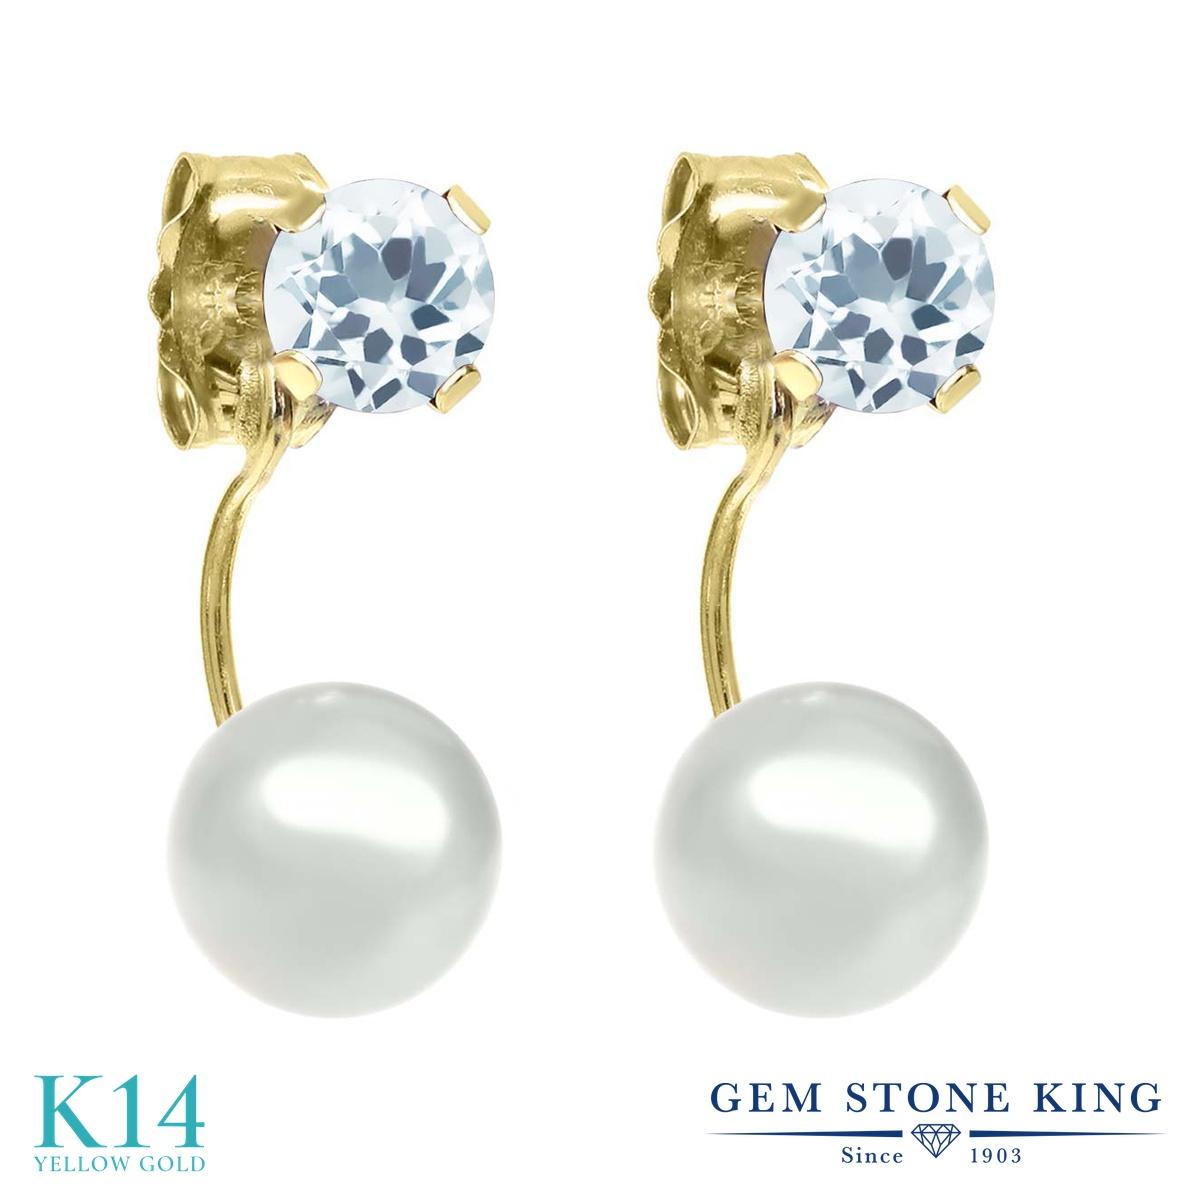 Gem Stone King クリーム 淡水養殖真珠 0.44カラット 天然 アクアマリン 14金 イエローゴールド(K14) ピアス レディース パール 小粒 シンプル ぶら下がり 天然石 6月 誕生石 金属アレルギー対応 誕生日プレゼント